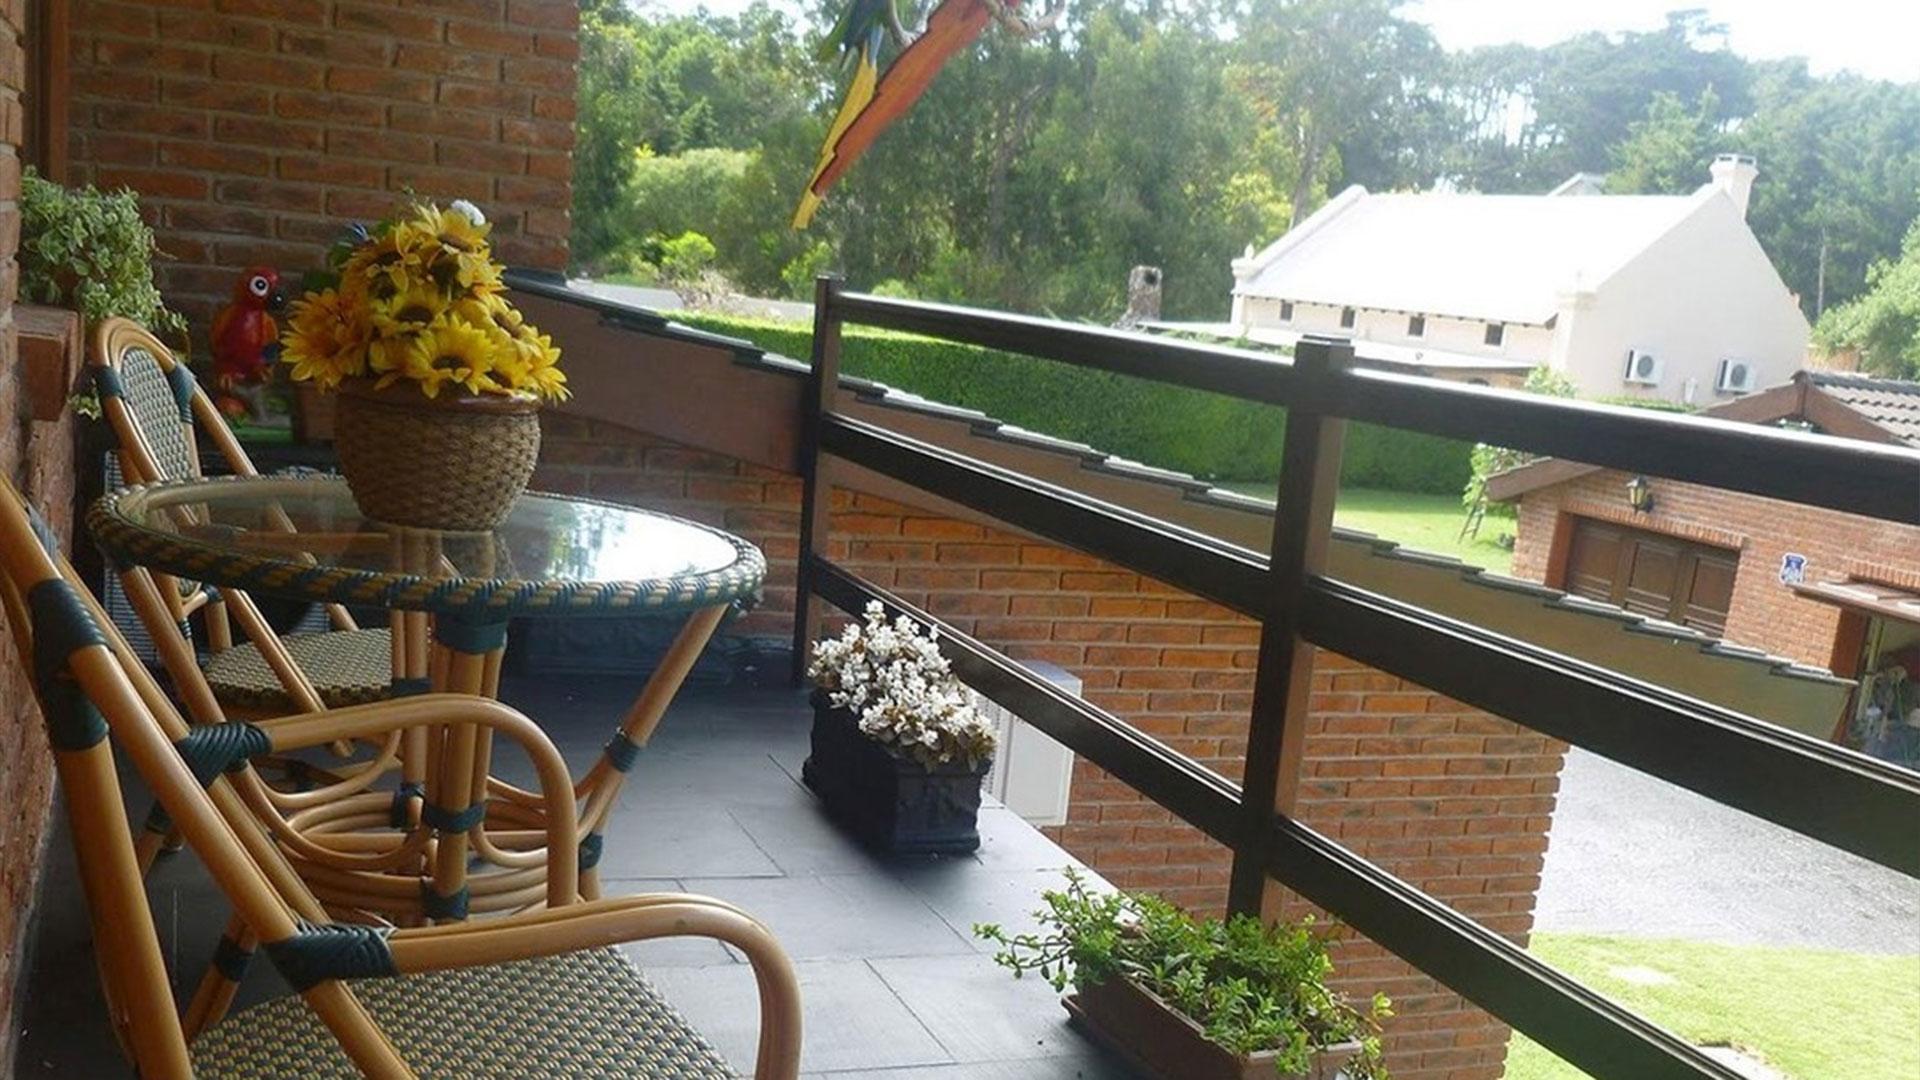 Un balcón con vista al jardín